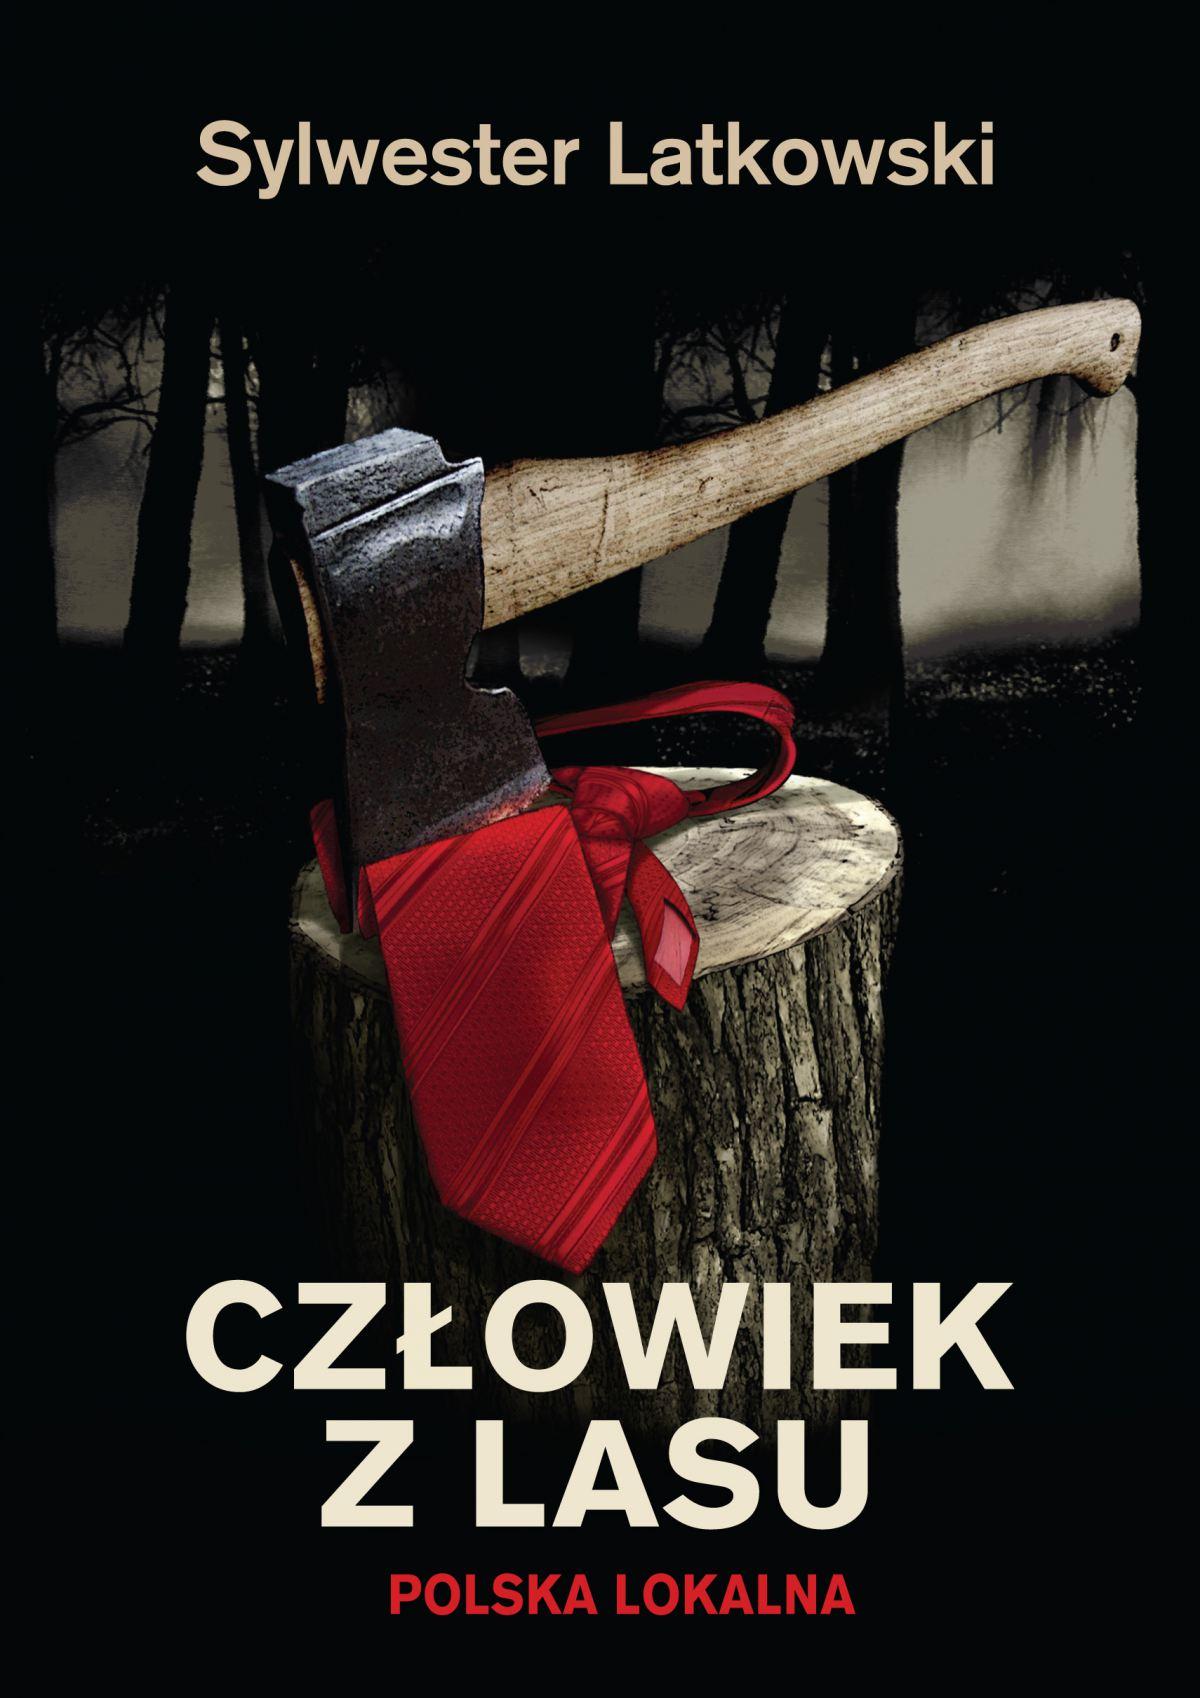 Człowiek z lasu - Ebook (Książka na Kindle) do pobrania w formacie MOBI